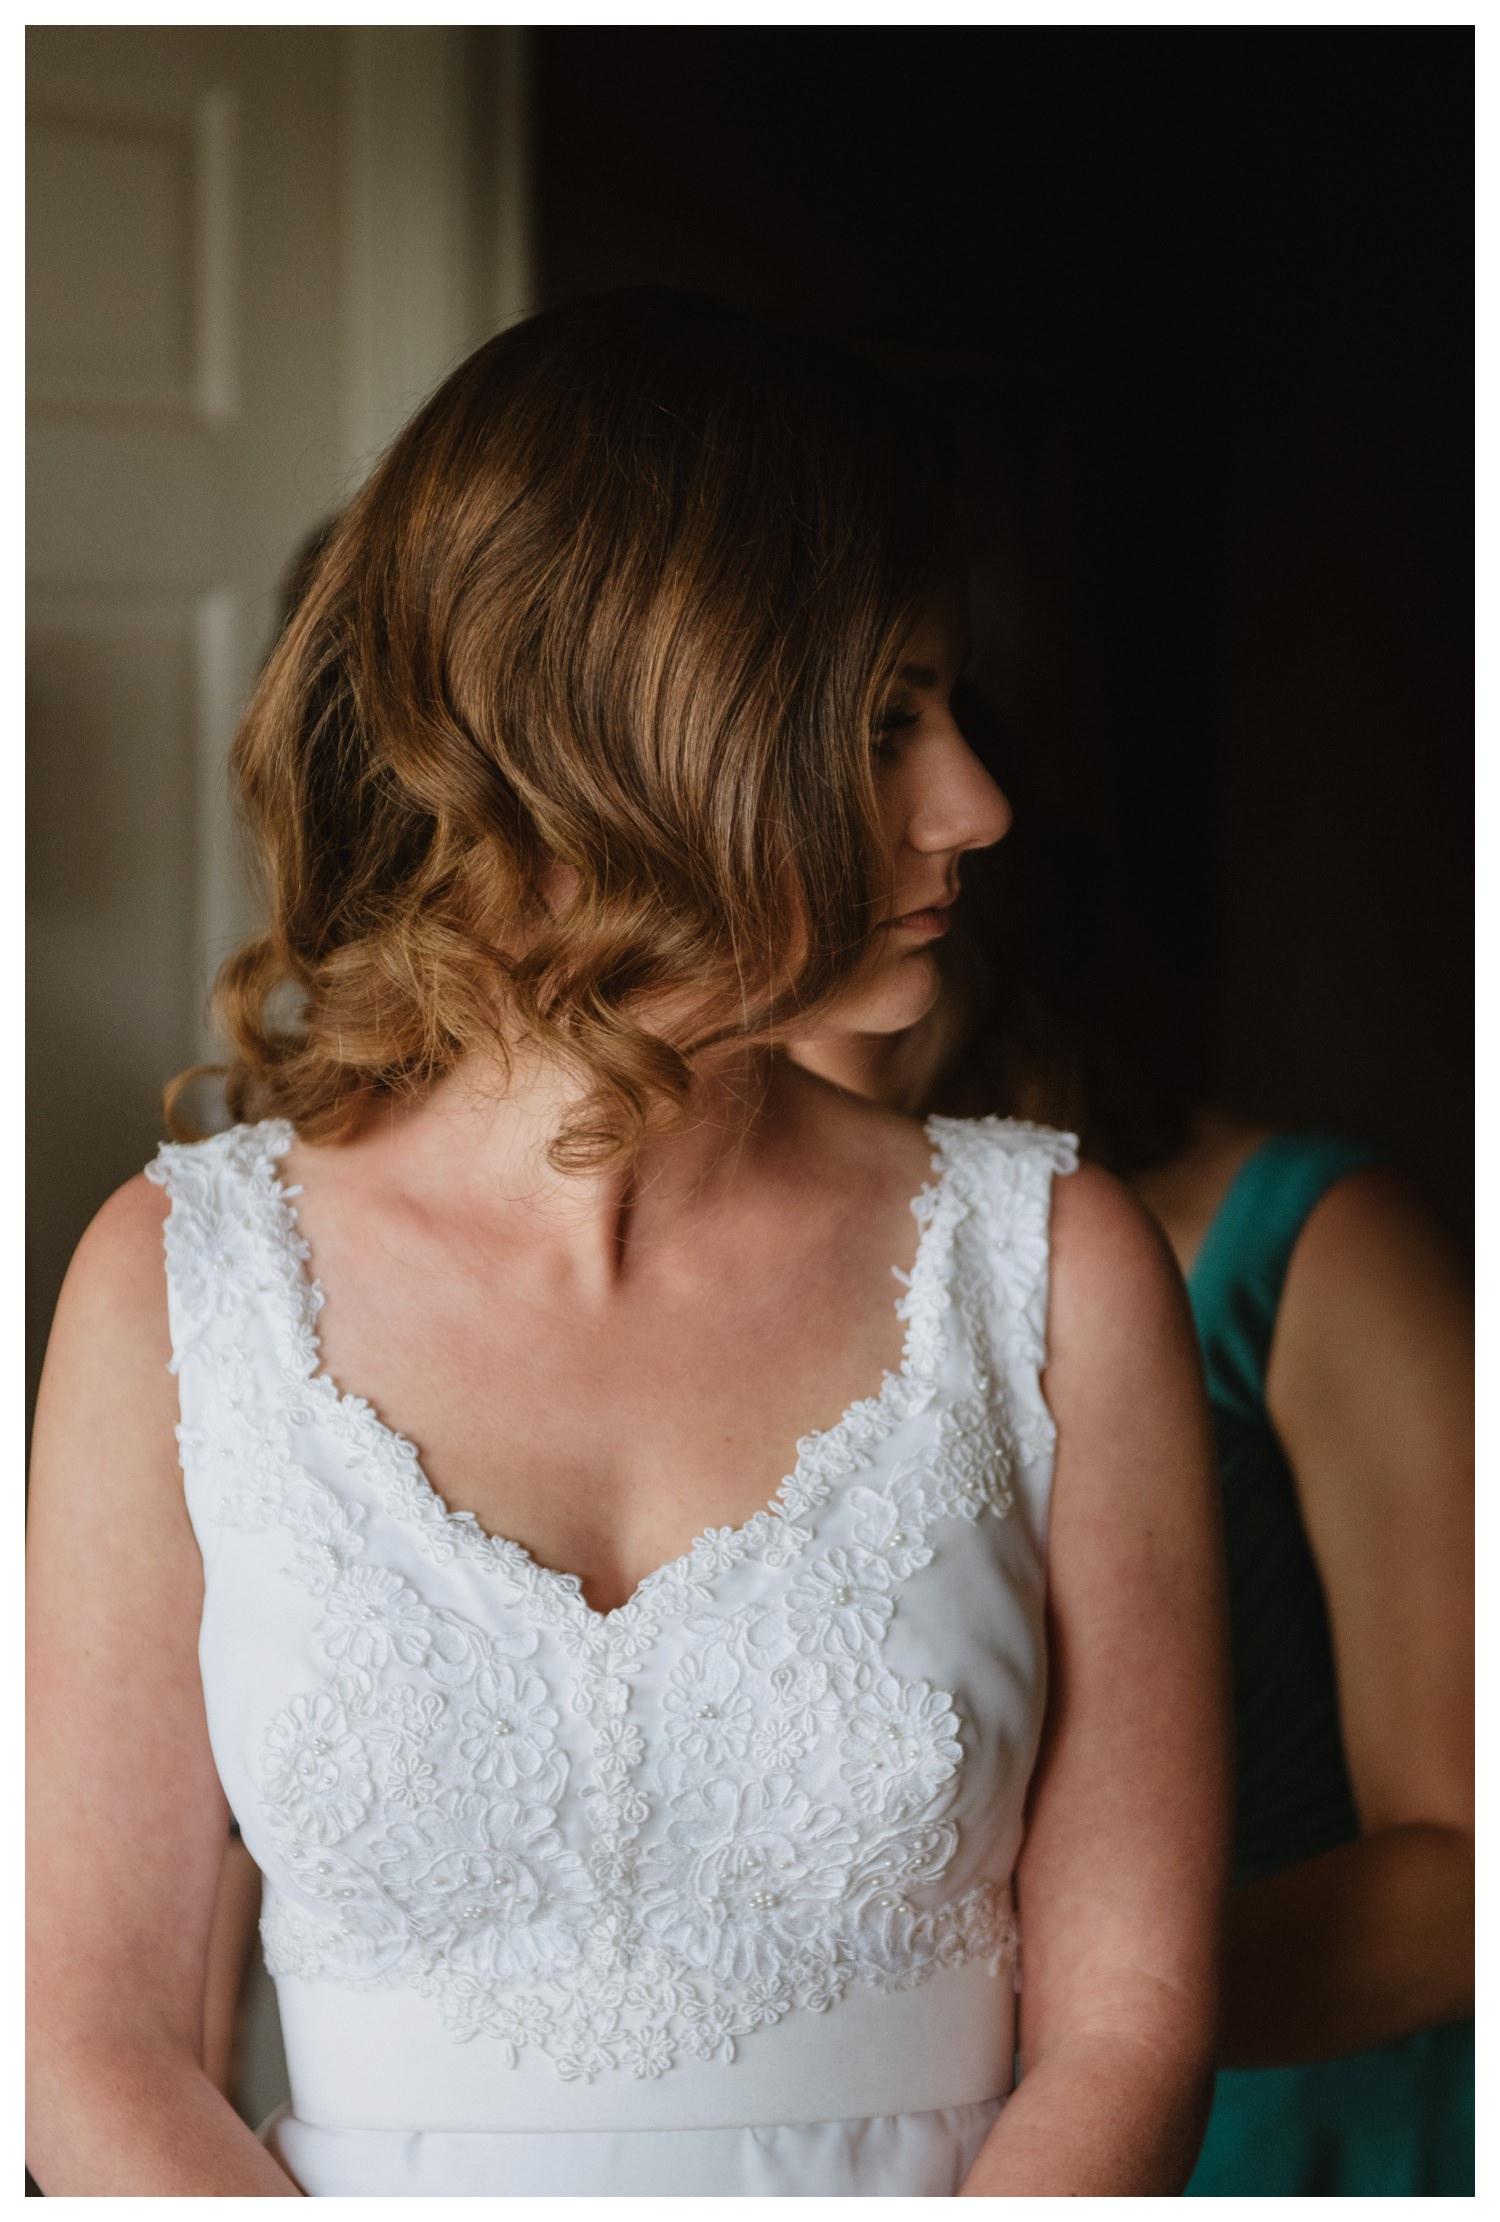 TheSinglers_WeddingPhotography_FallbrookWedding_0108.jpg